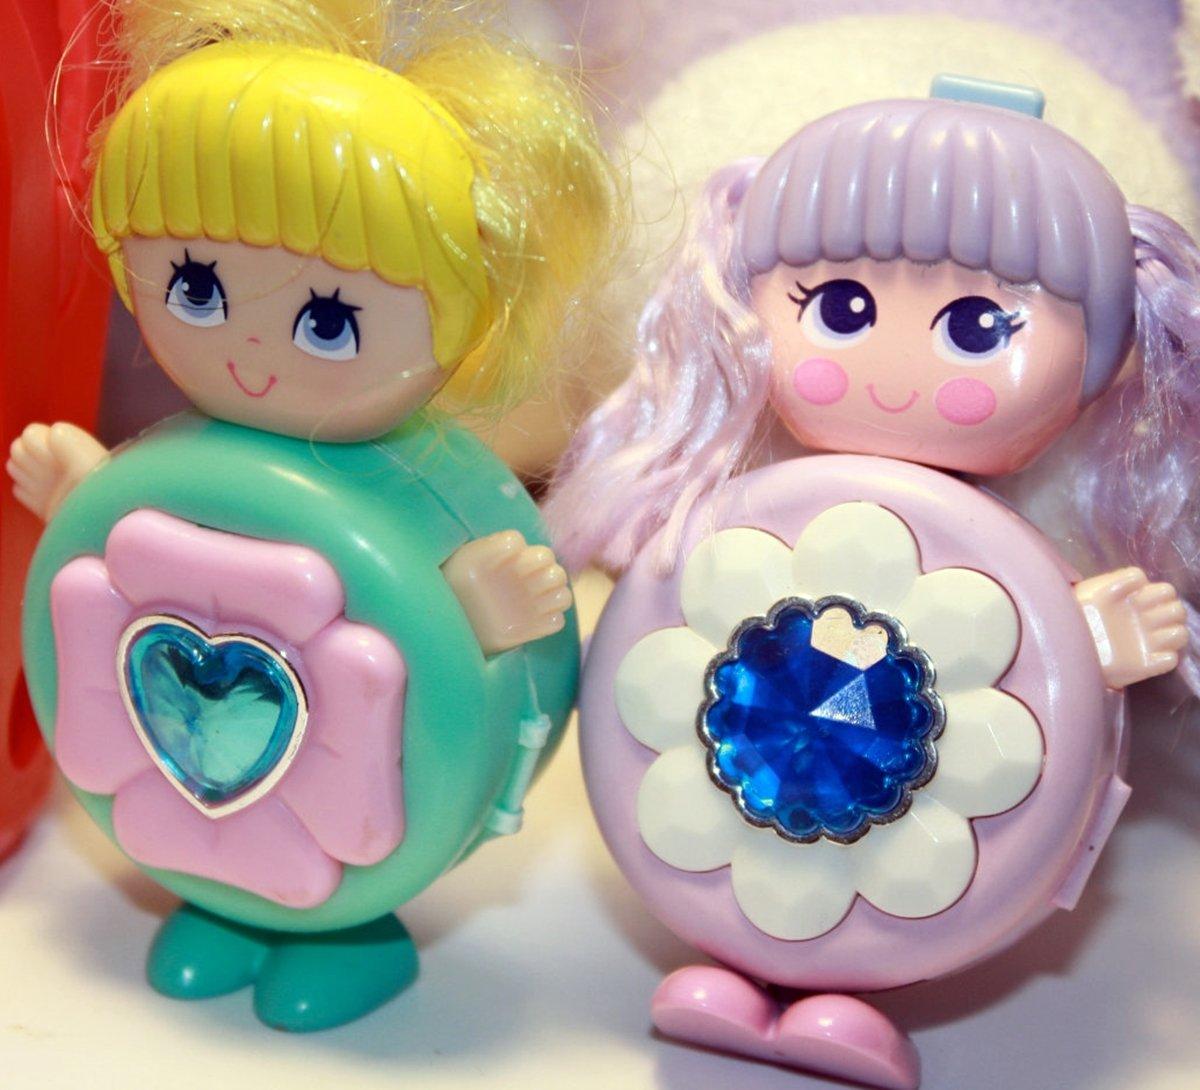 Two Sweet Secrets dolls